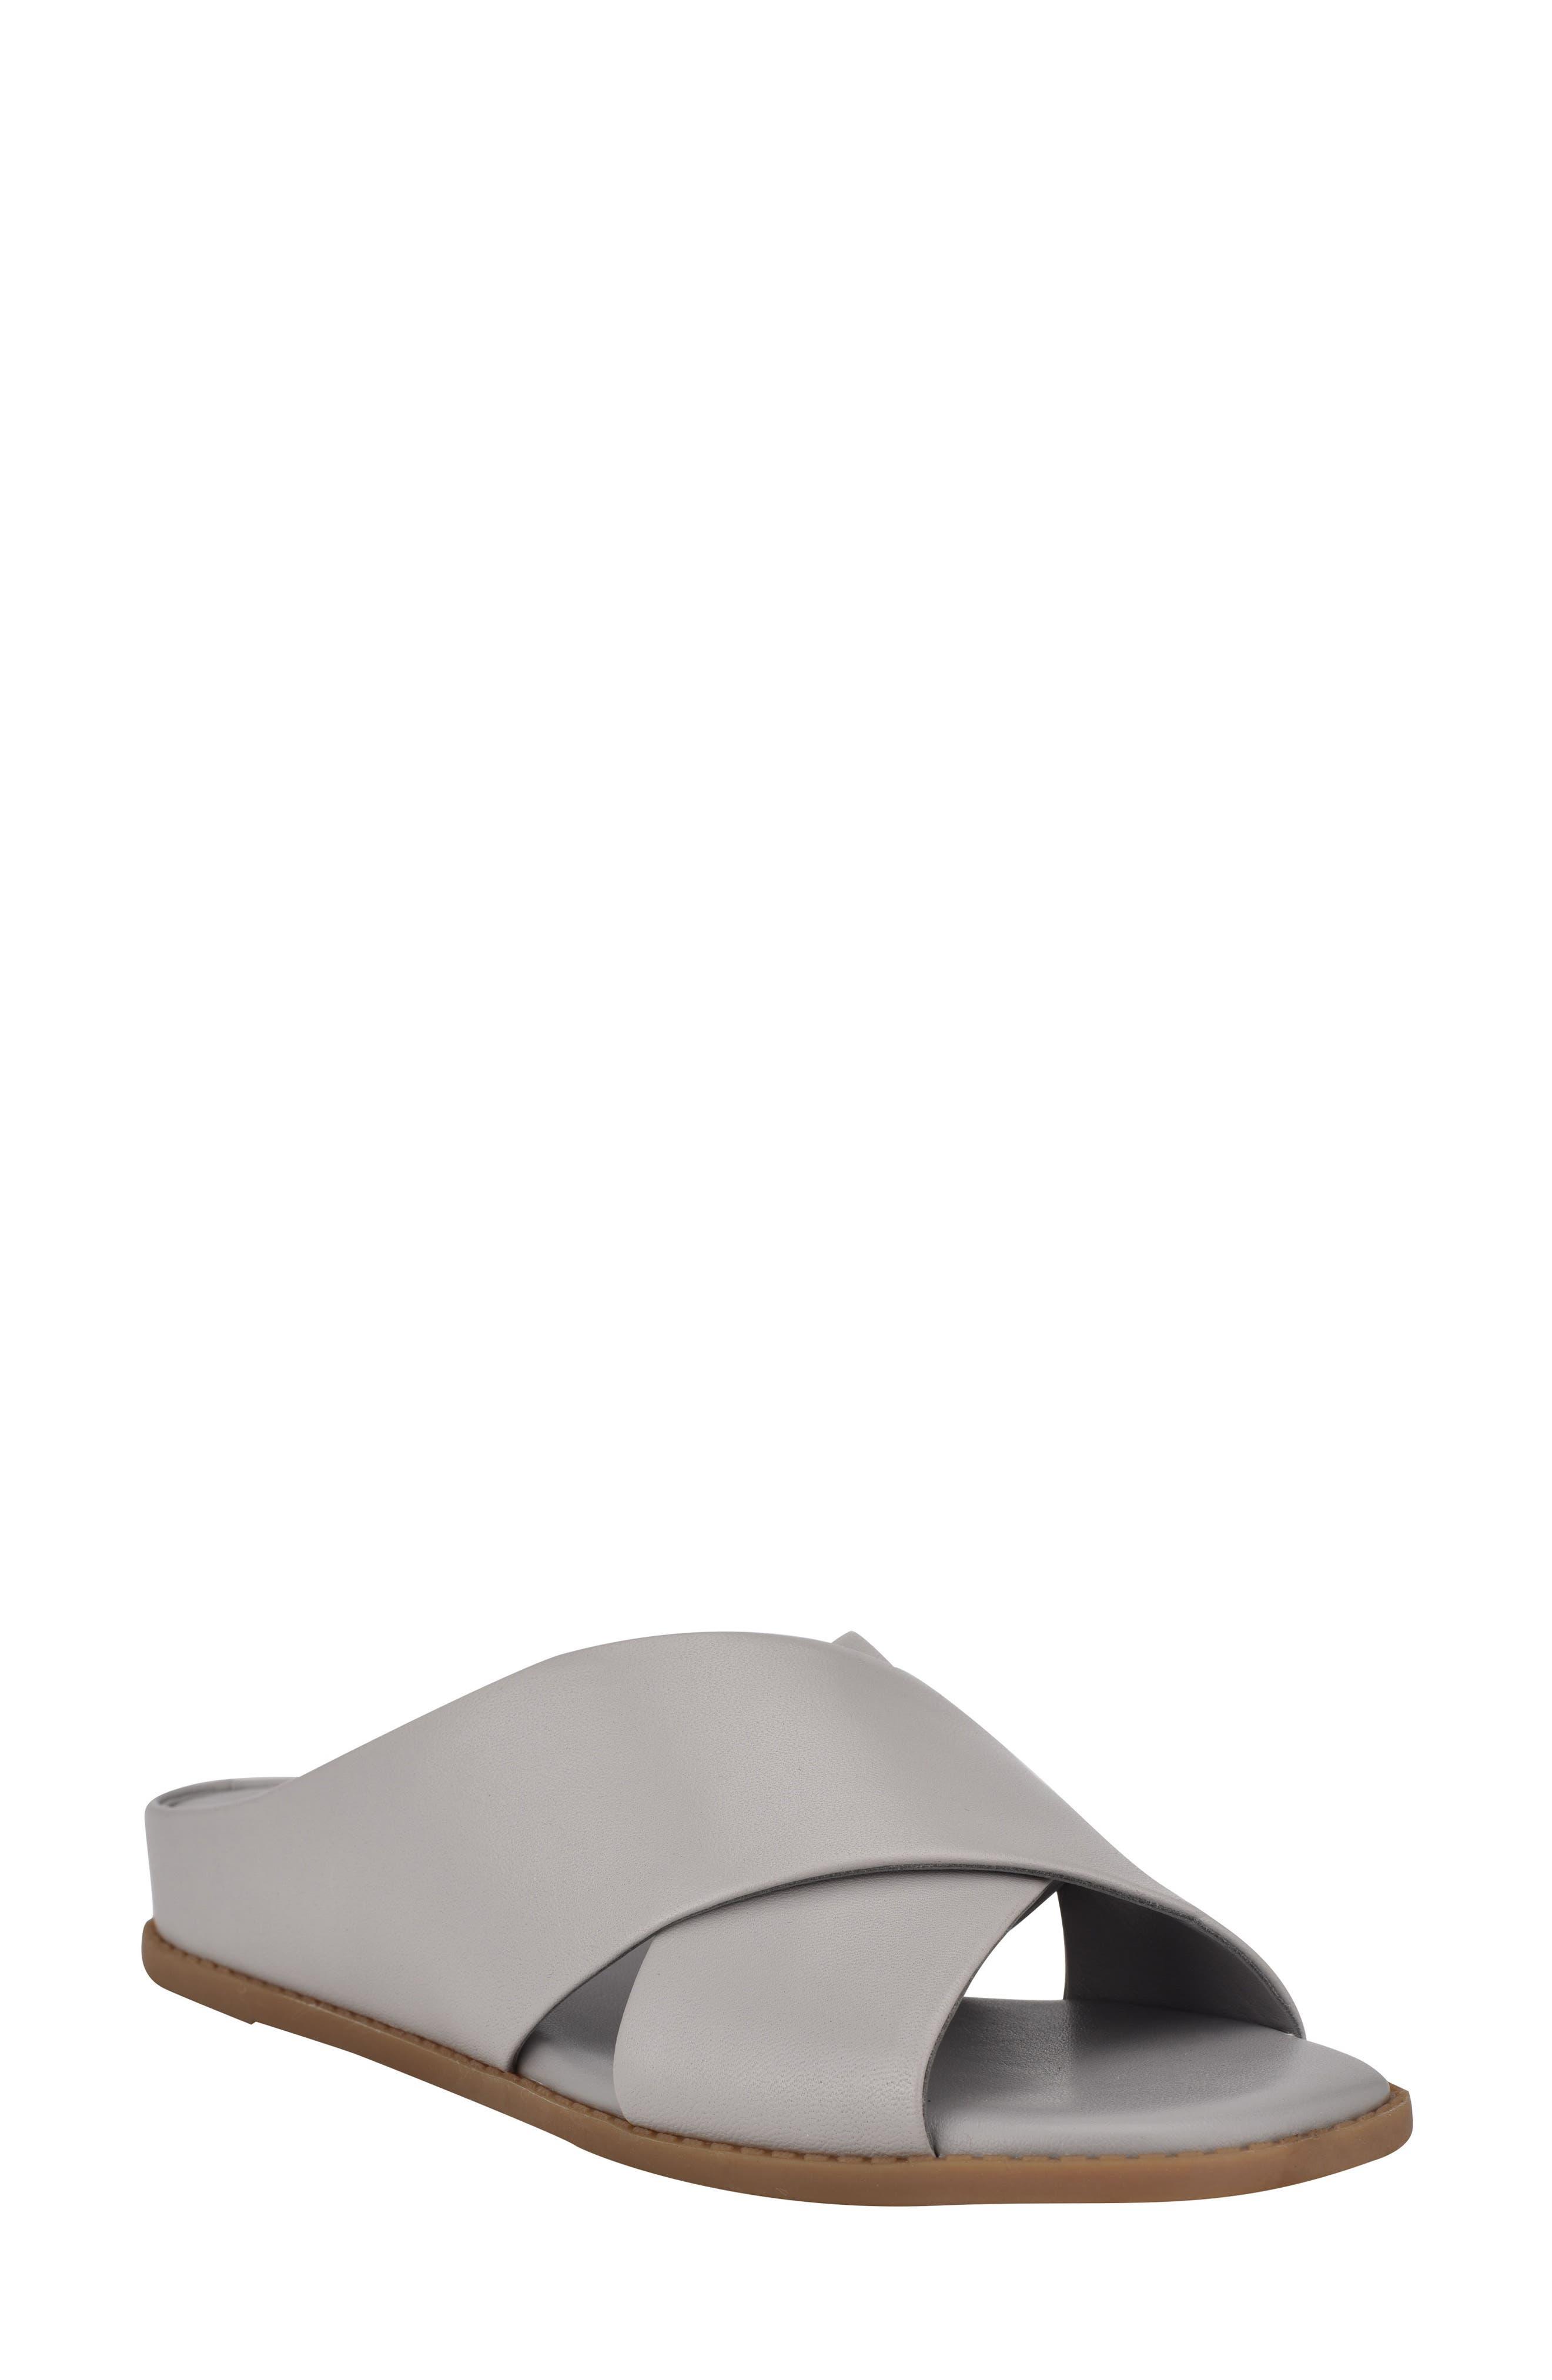 X Martha Stewart Seolive Wedge Slide Sandal